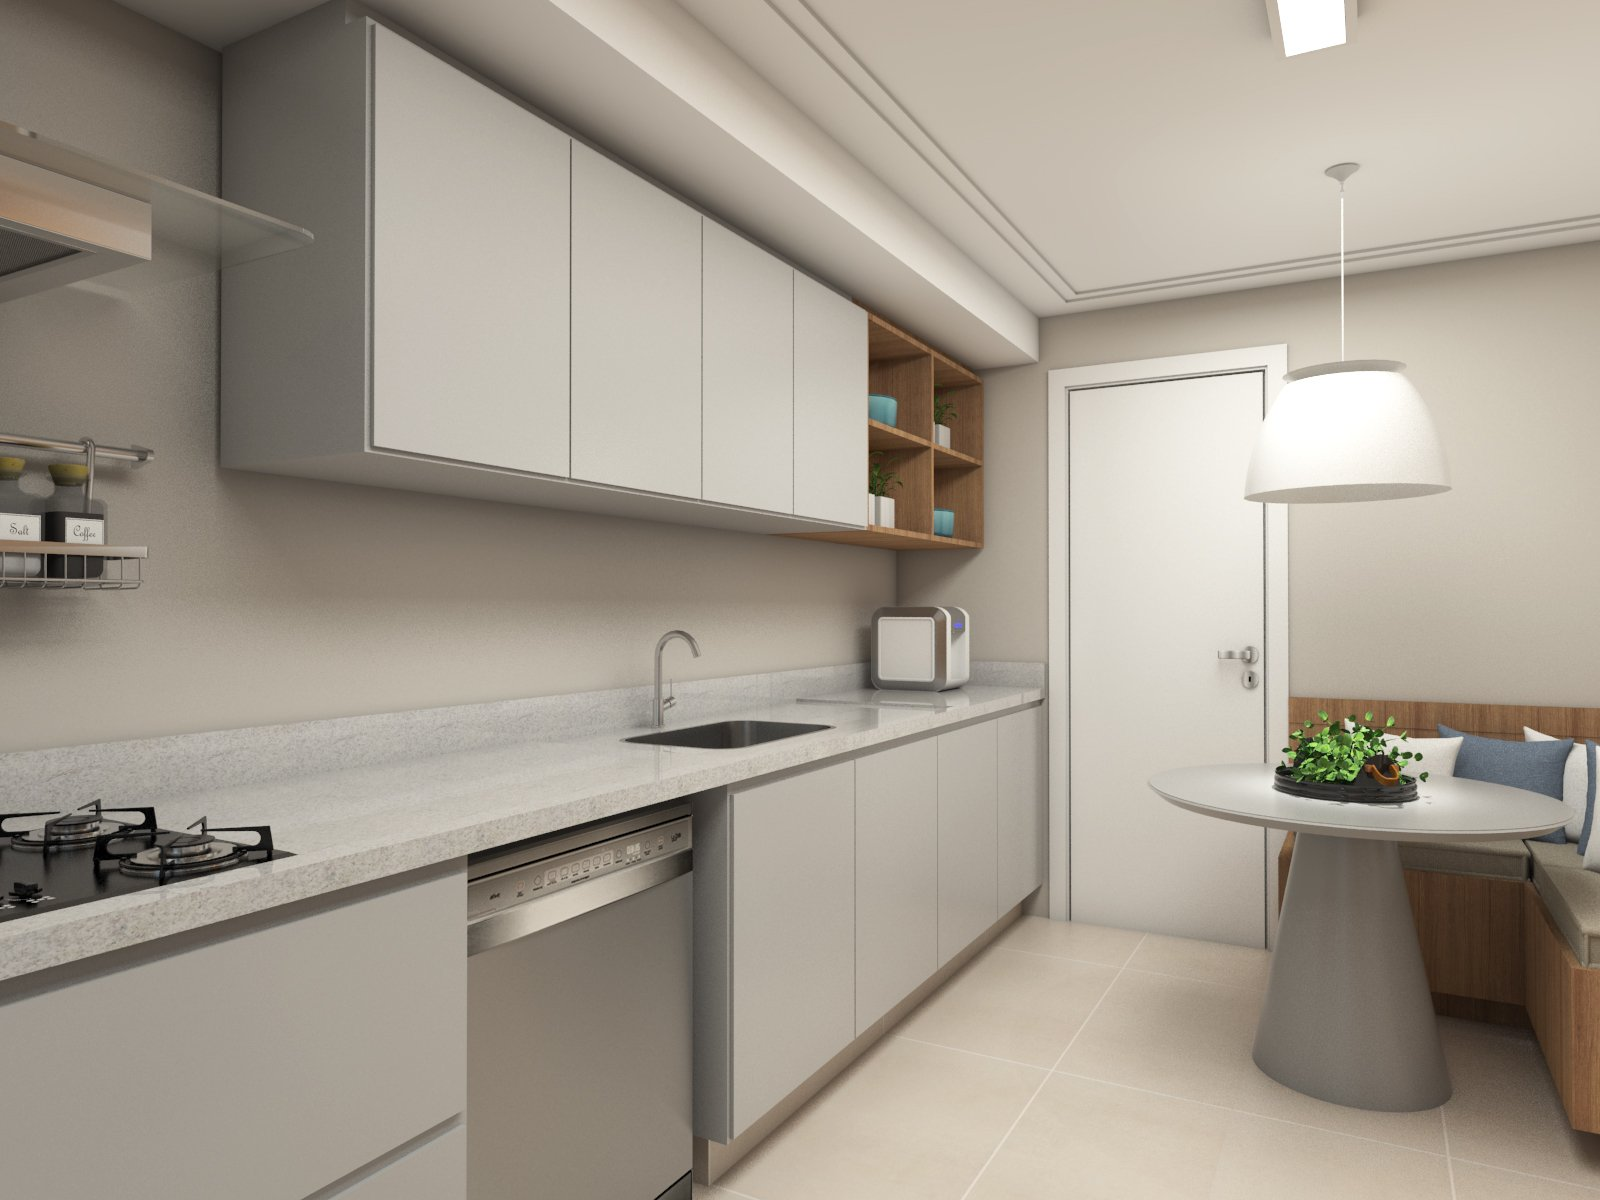 kitchen7.jpg